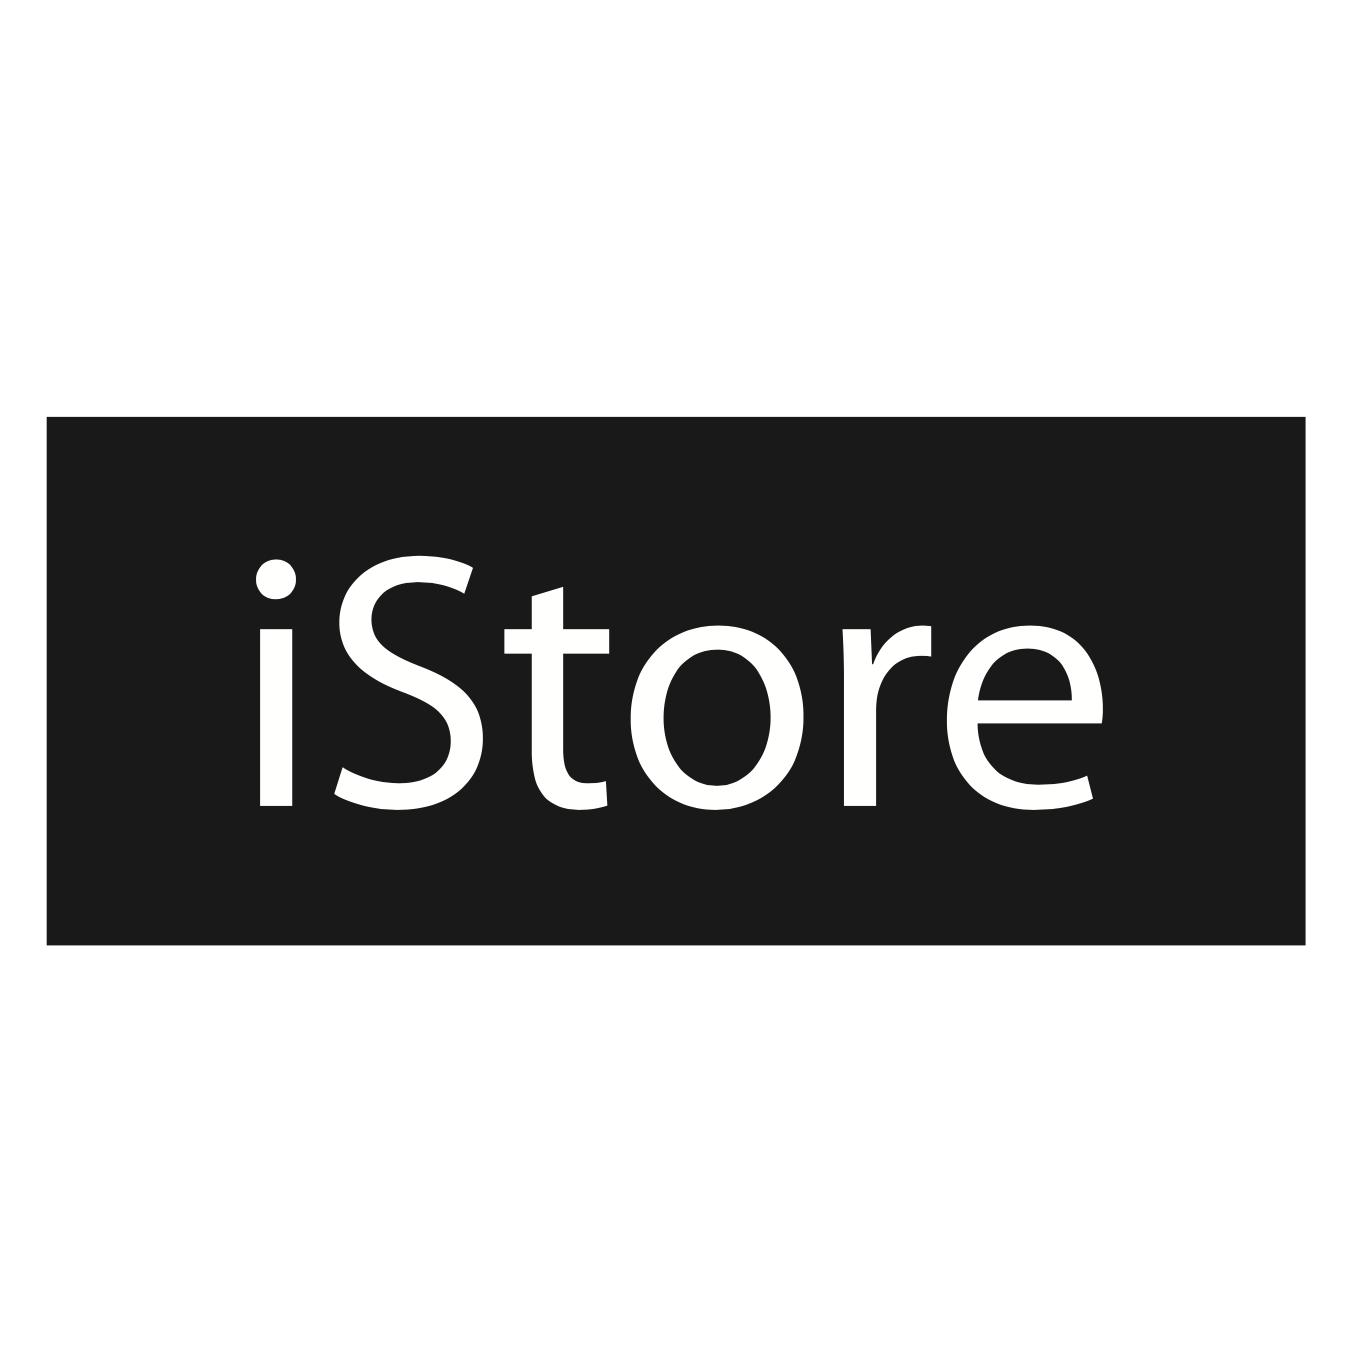 iPhone 6 Plus Survivor All-Terrain - Black